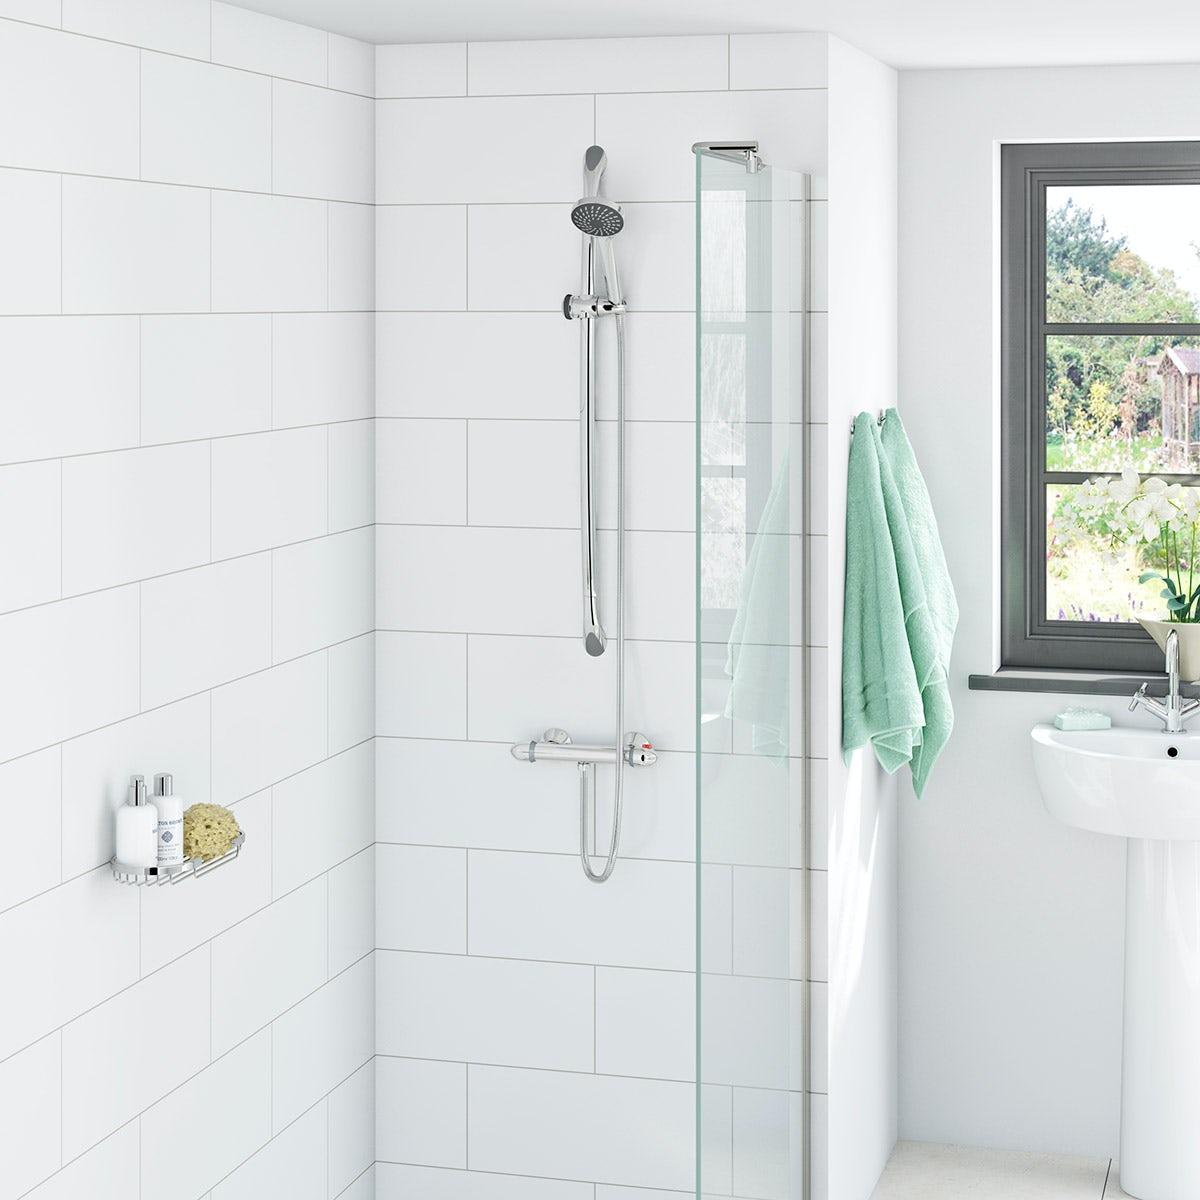 Eden economy shower bar valve with slider rail kit